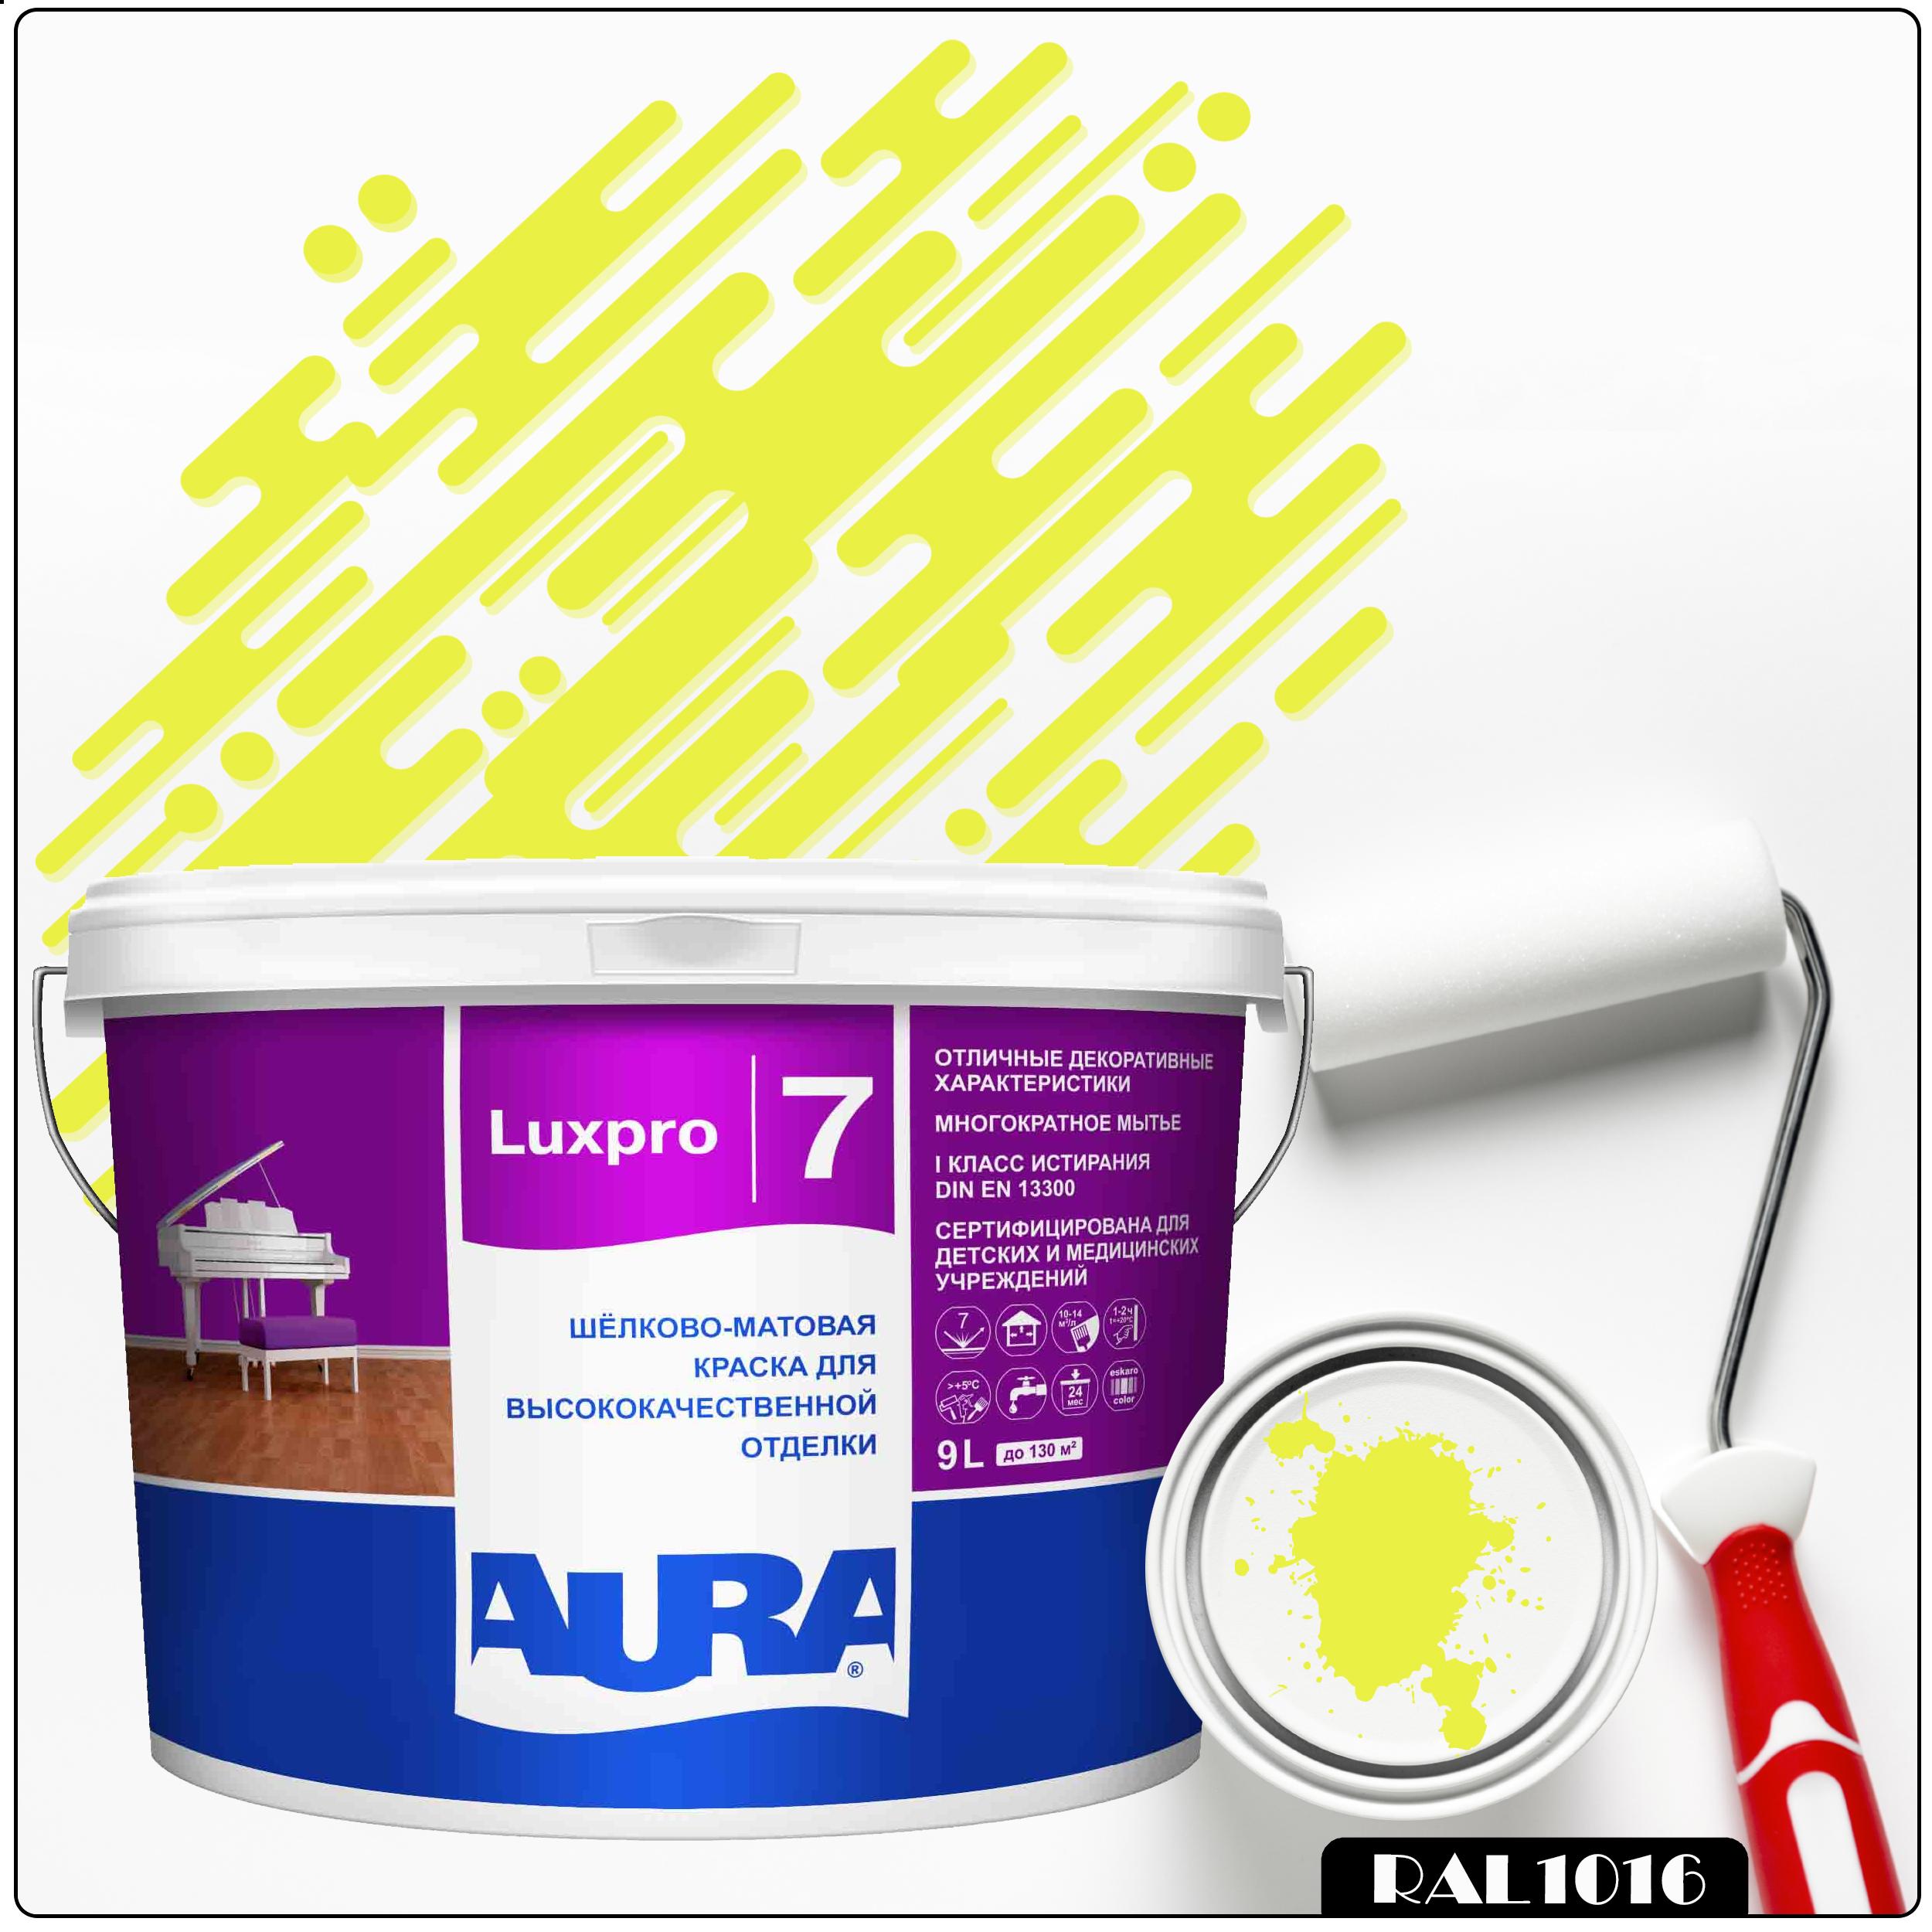 Фото 14 - Краска Aura LuxPRO 7, RAL 1016 Жёлтая сера, латексная, шелково-матовая, интерьерная, 9л, Аура.